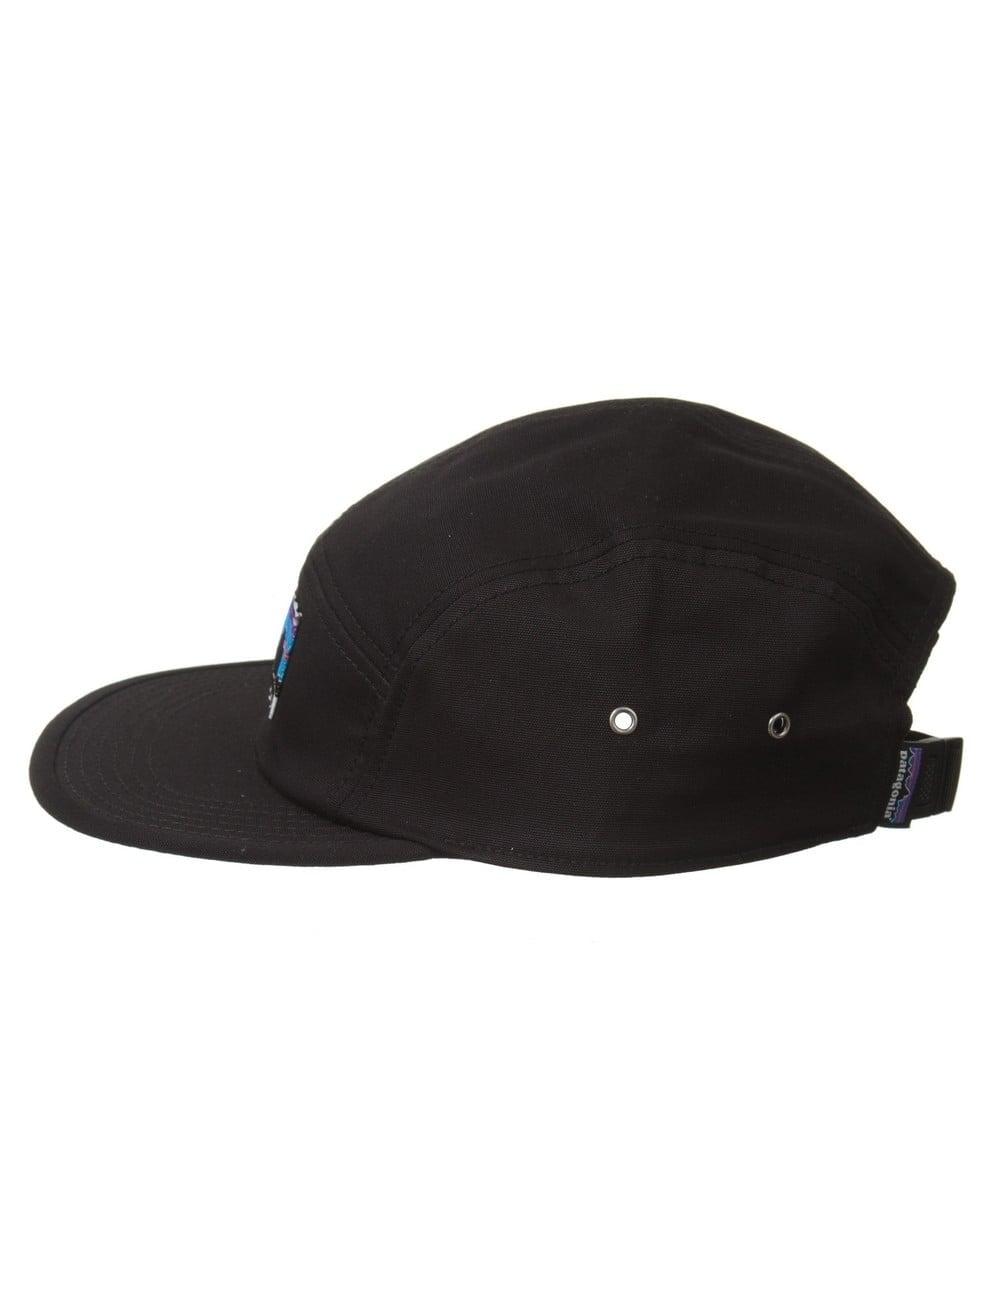 Patagonia Retro Fitz Roy Label Tradesmith Cap - Black - Accessories ... 90477d765540